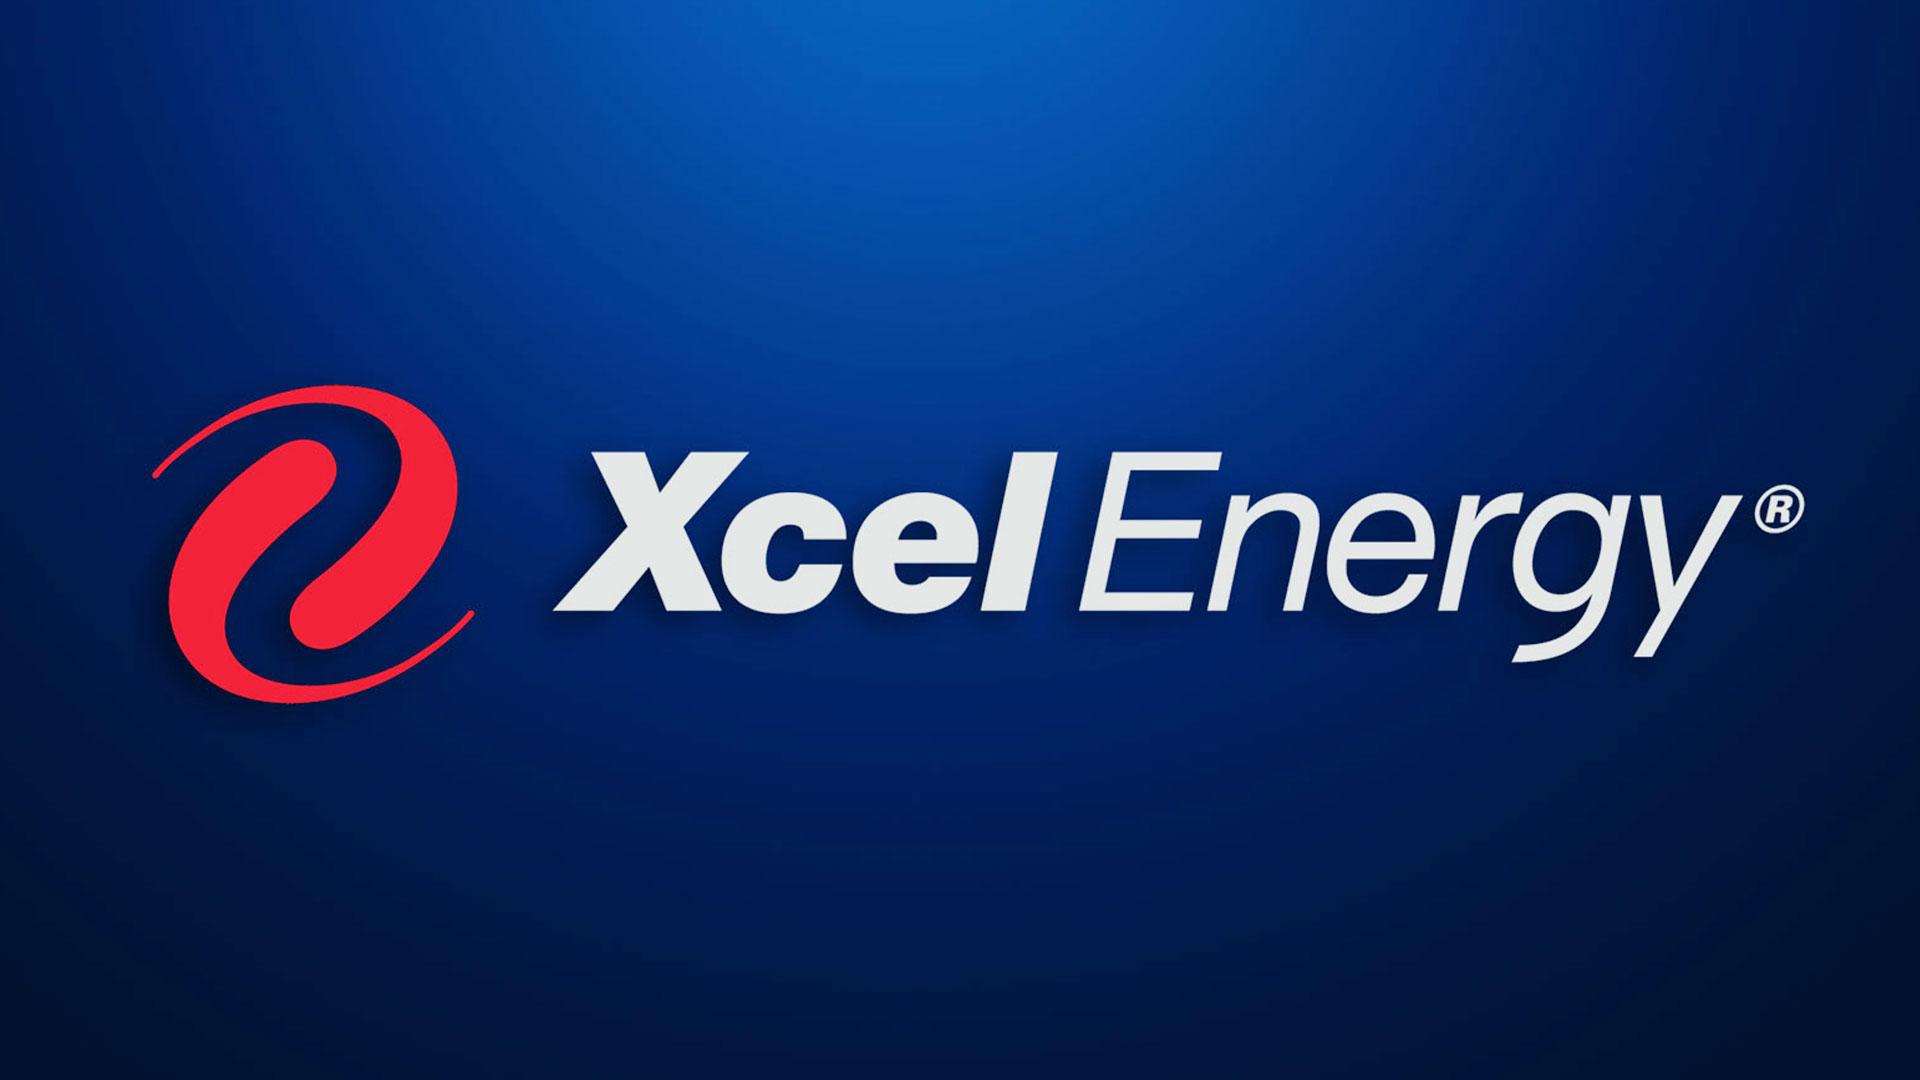 KELO Xcel Energy